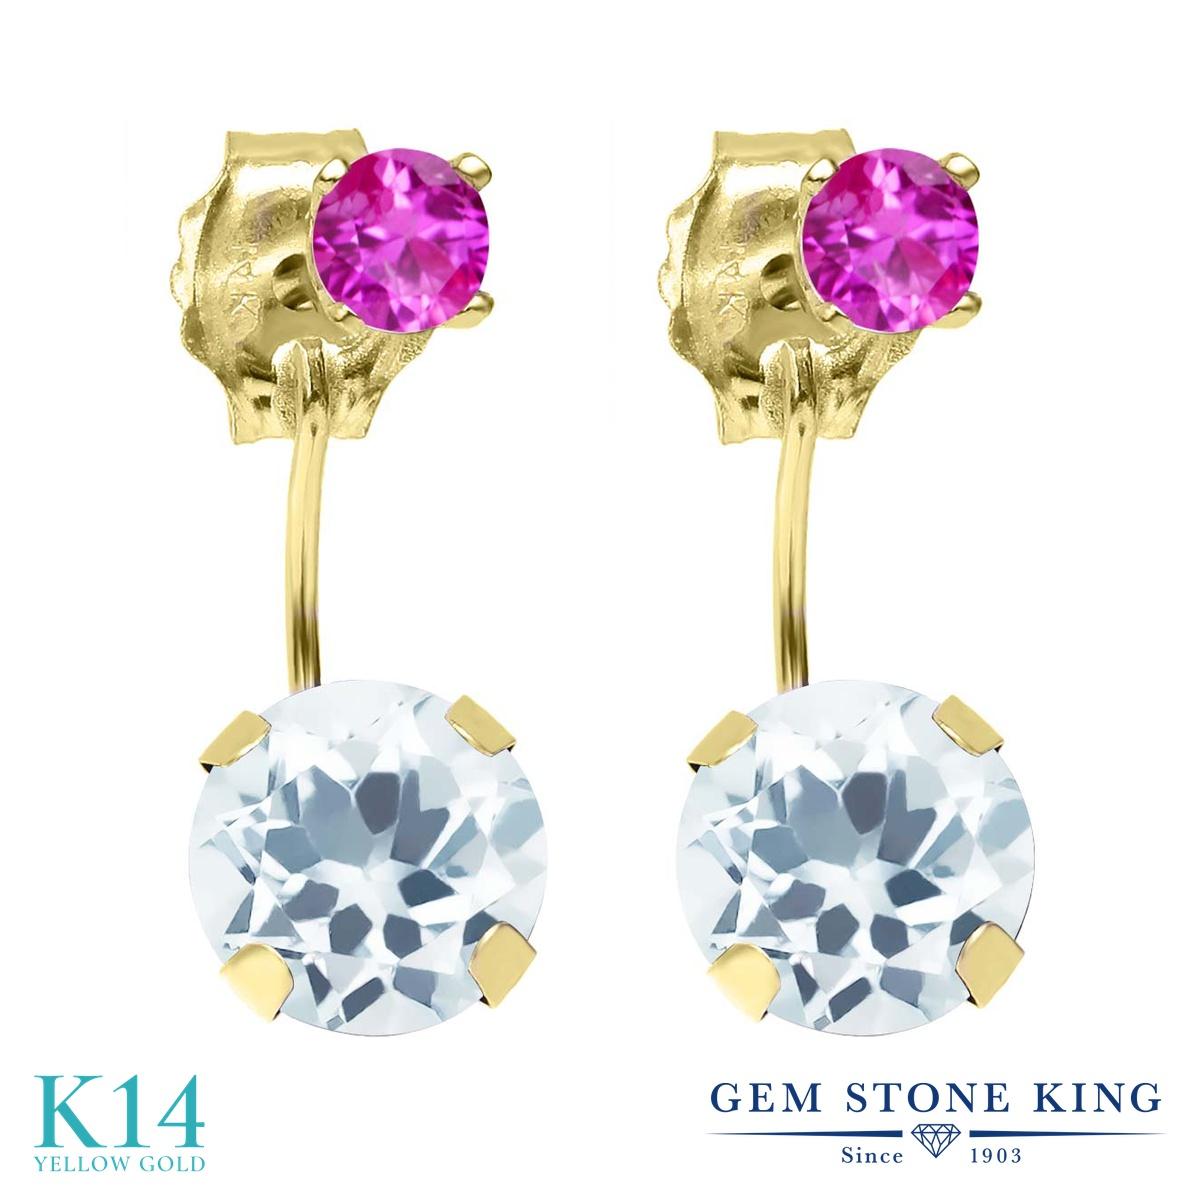 Gem Stone King 1.76カラット 天然 アクアマリン 天然 ピンクサファイア 14金 イエローゴールド(K14) ピアス レディース ぶら下がり 天然石 3月 誕生石 金属アレルギー対応 誕生日プレゼント